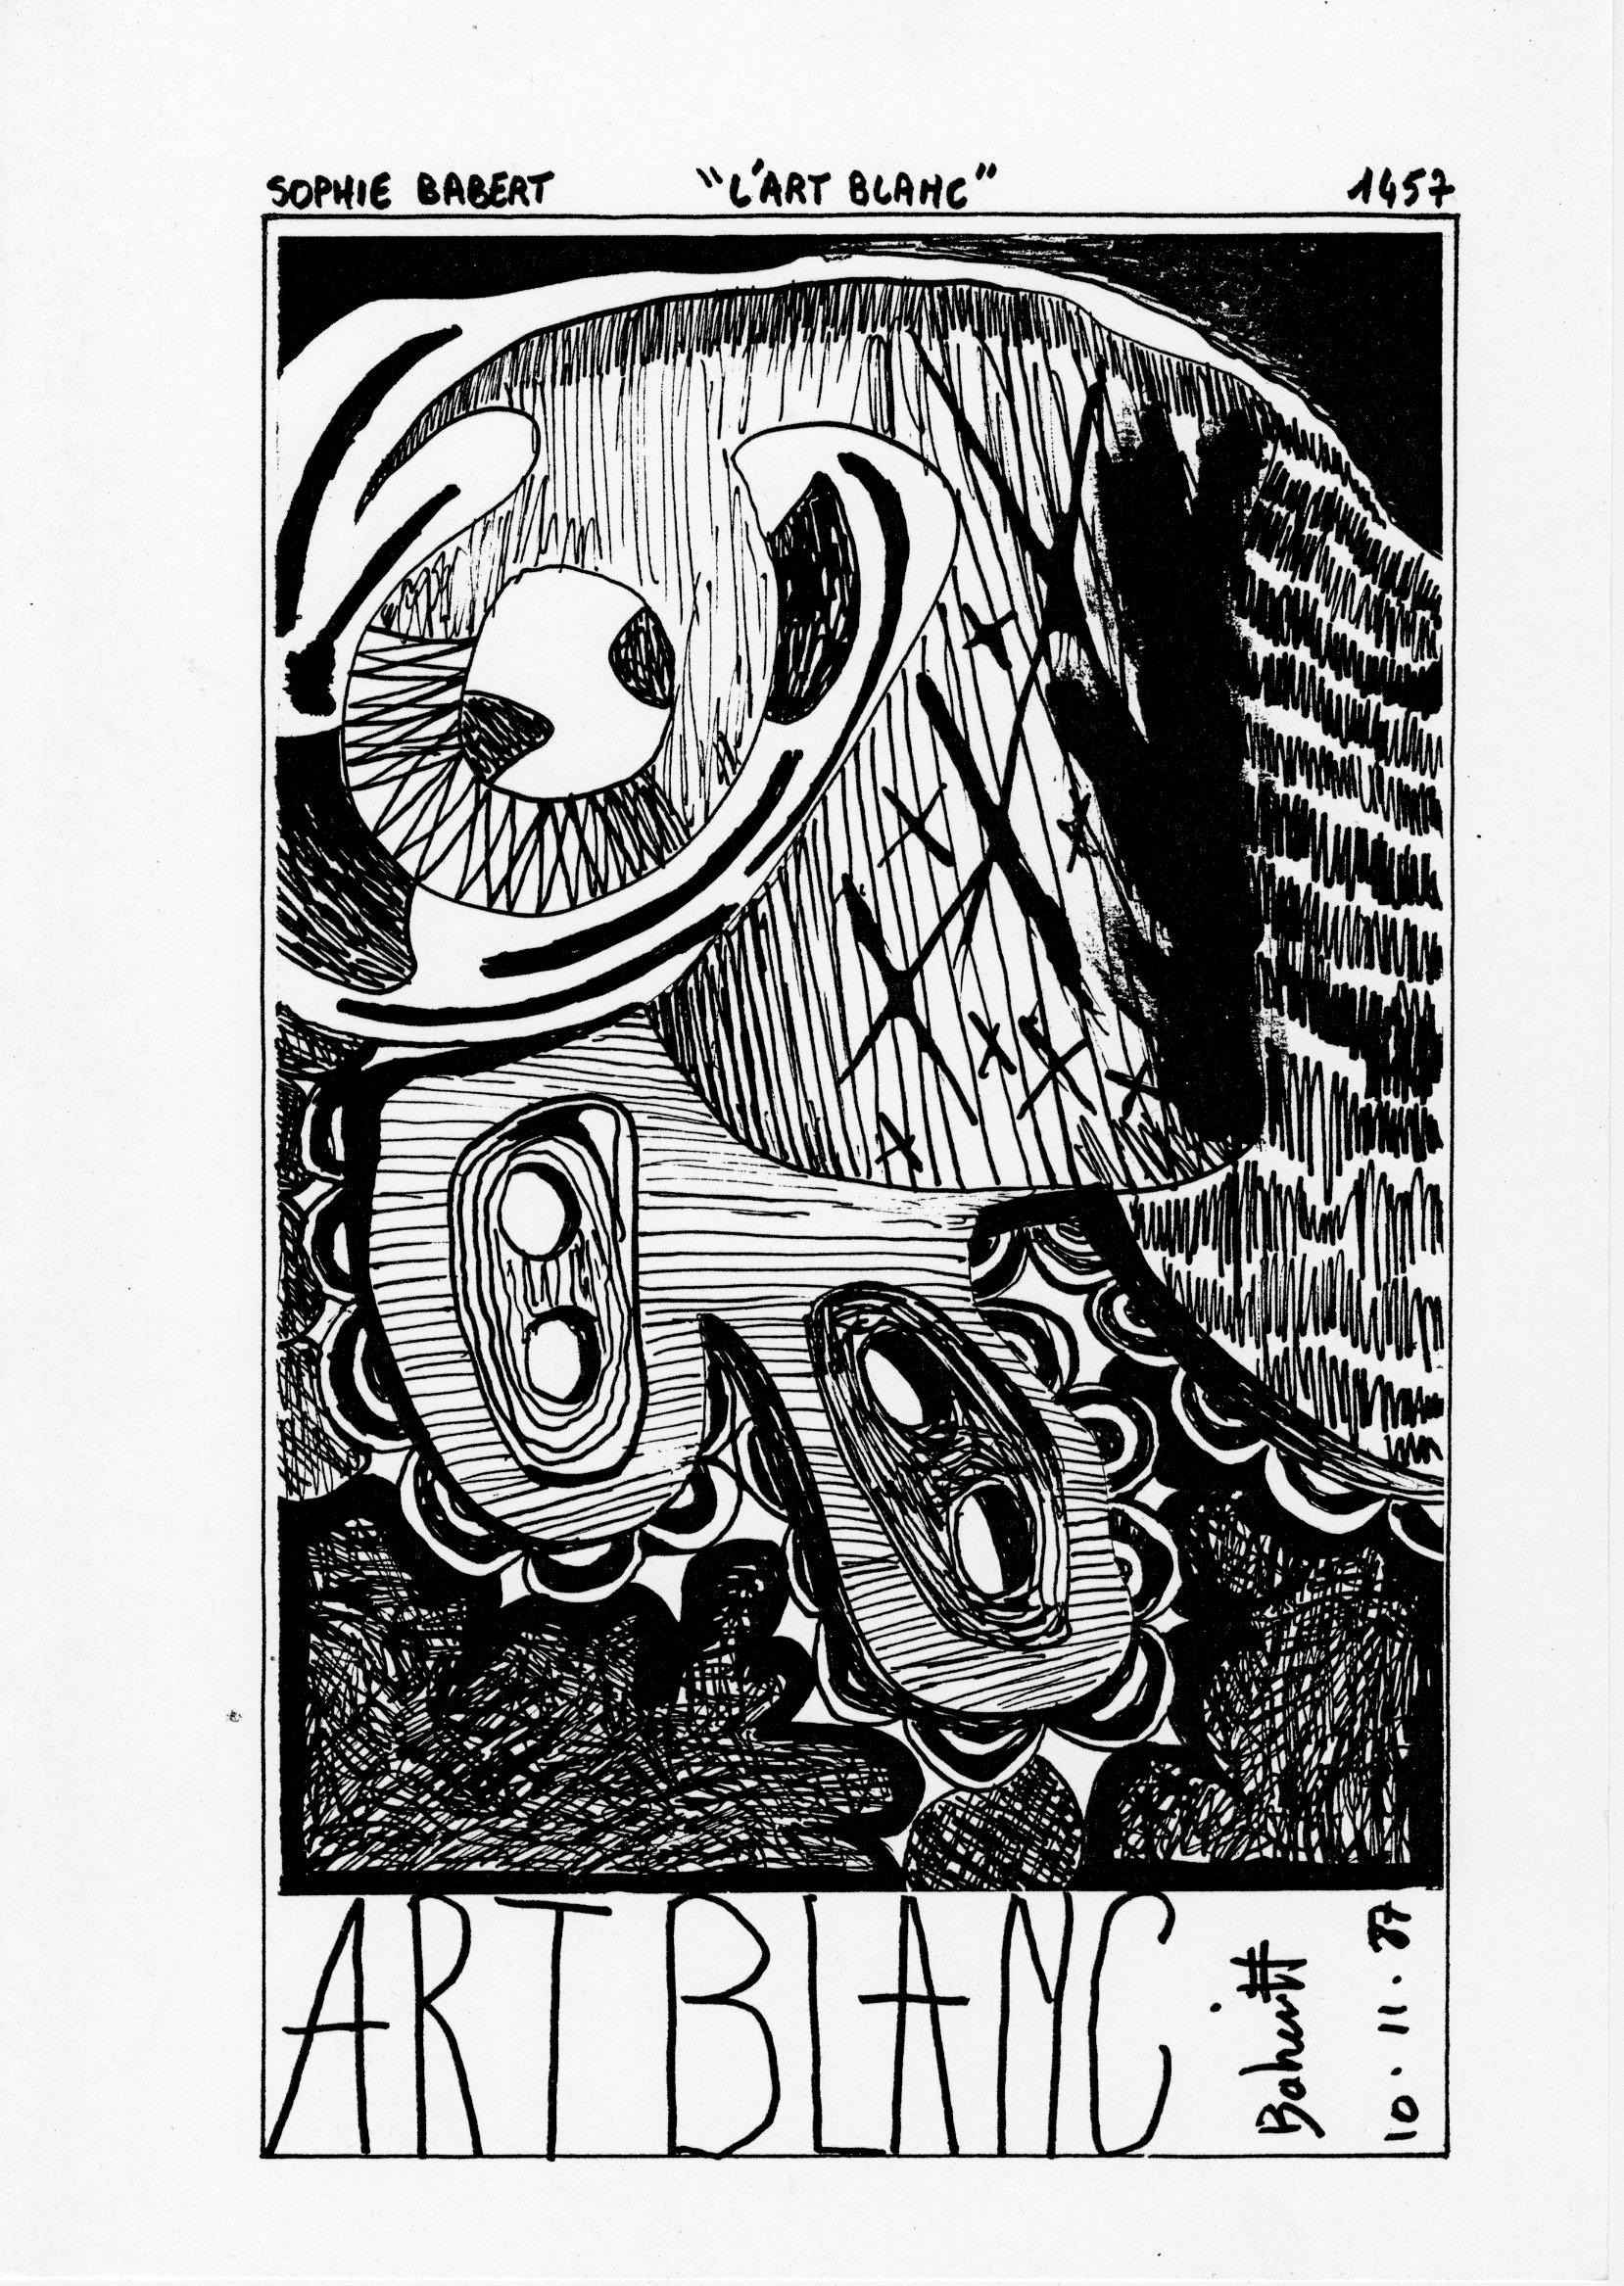 page 1457 S. Babert L'ART BLANC